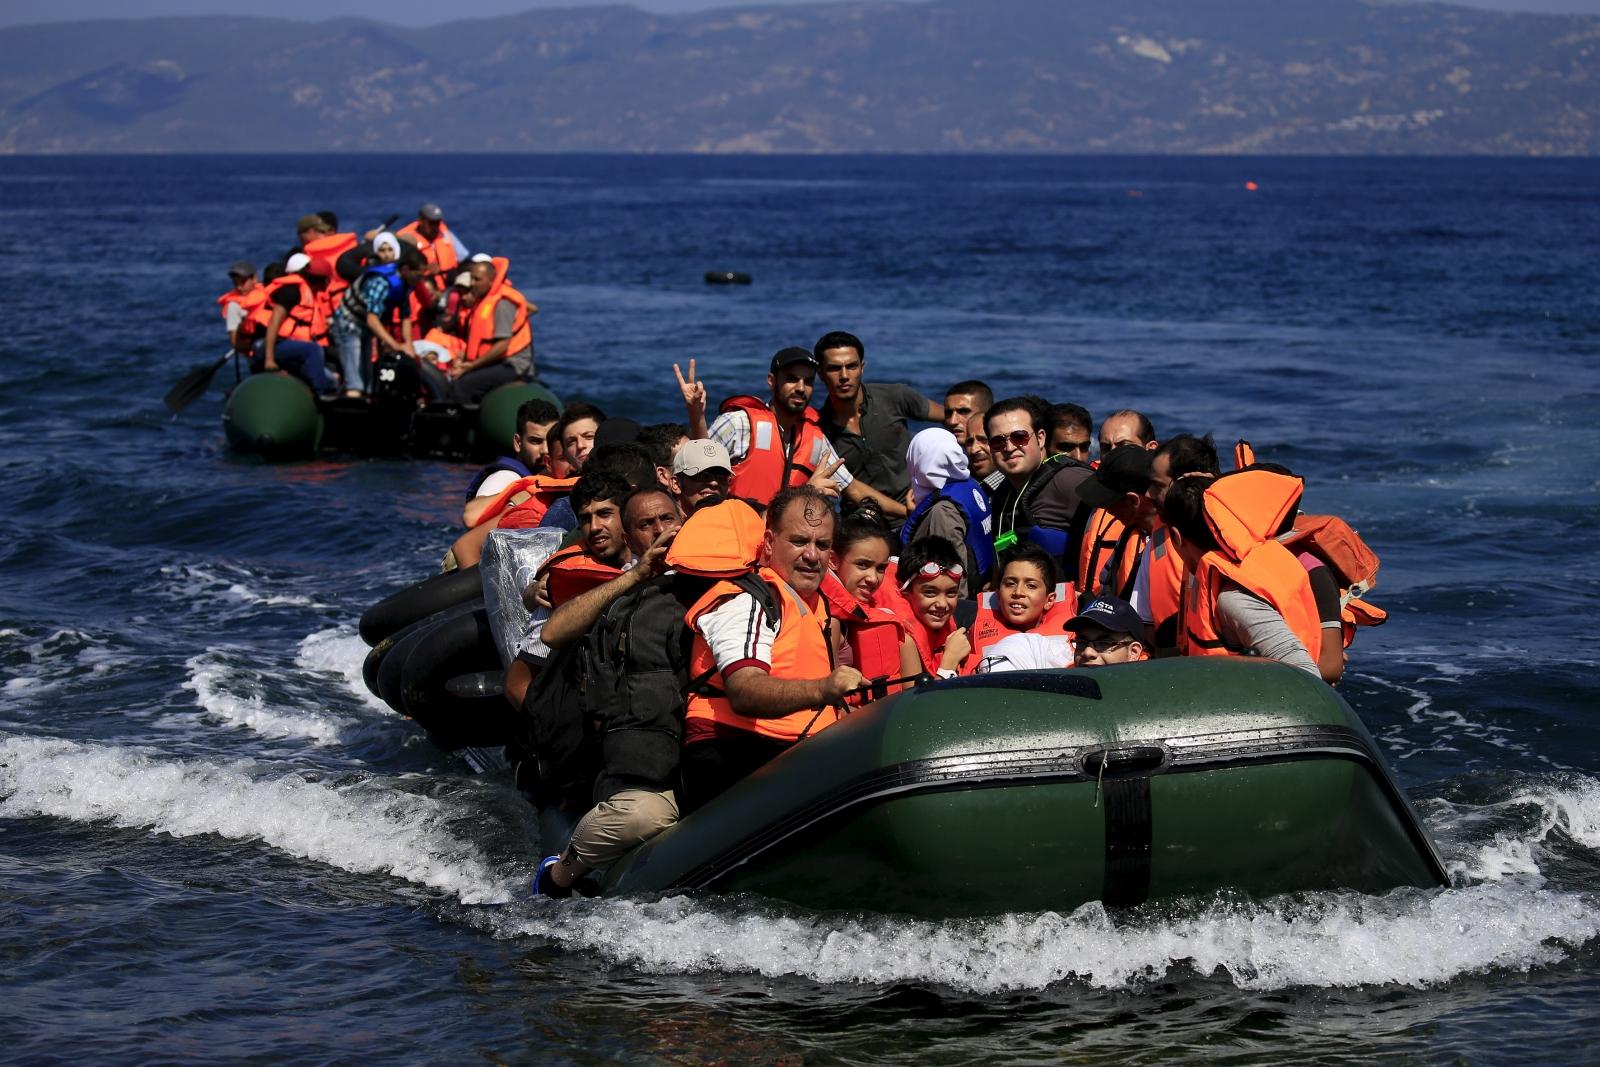 EU Mediterranean migrant crisis